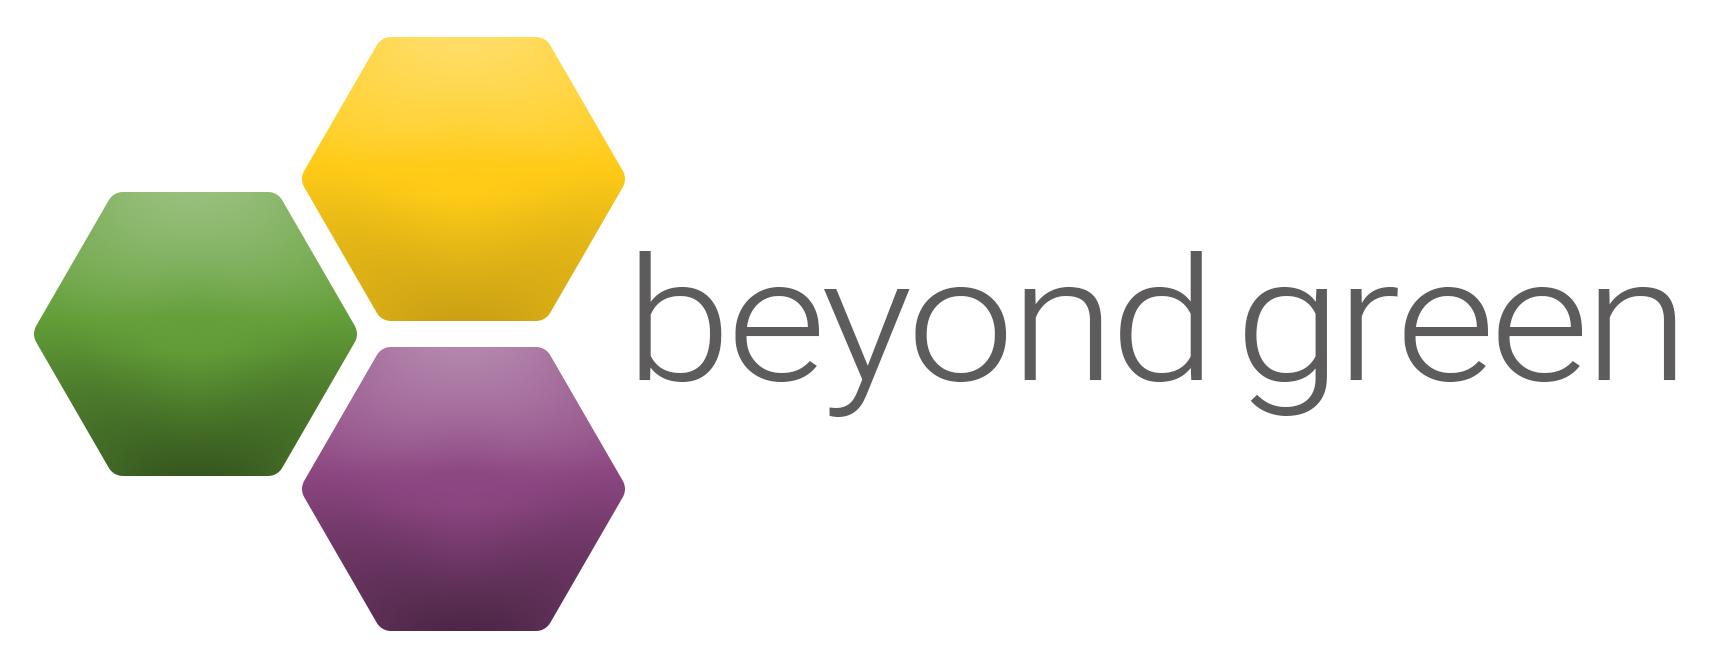 Beyond Green - image